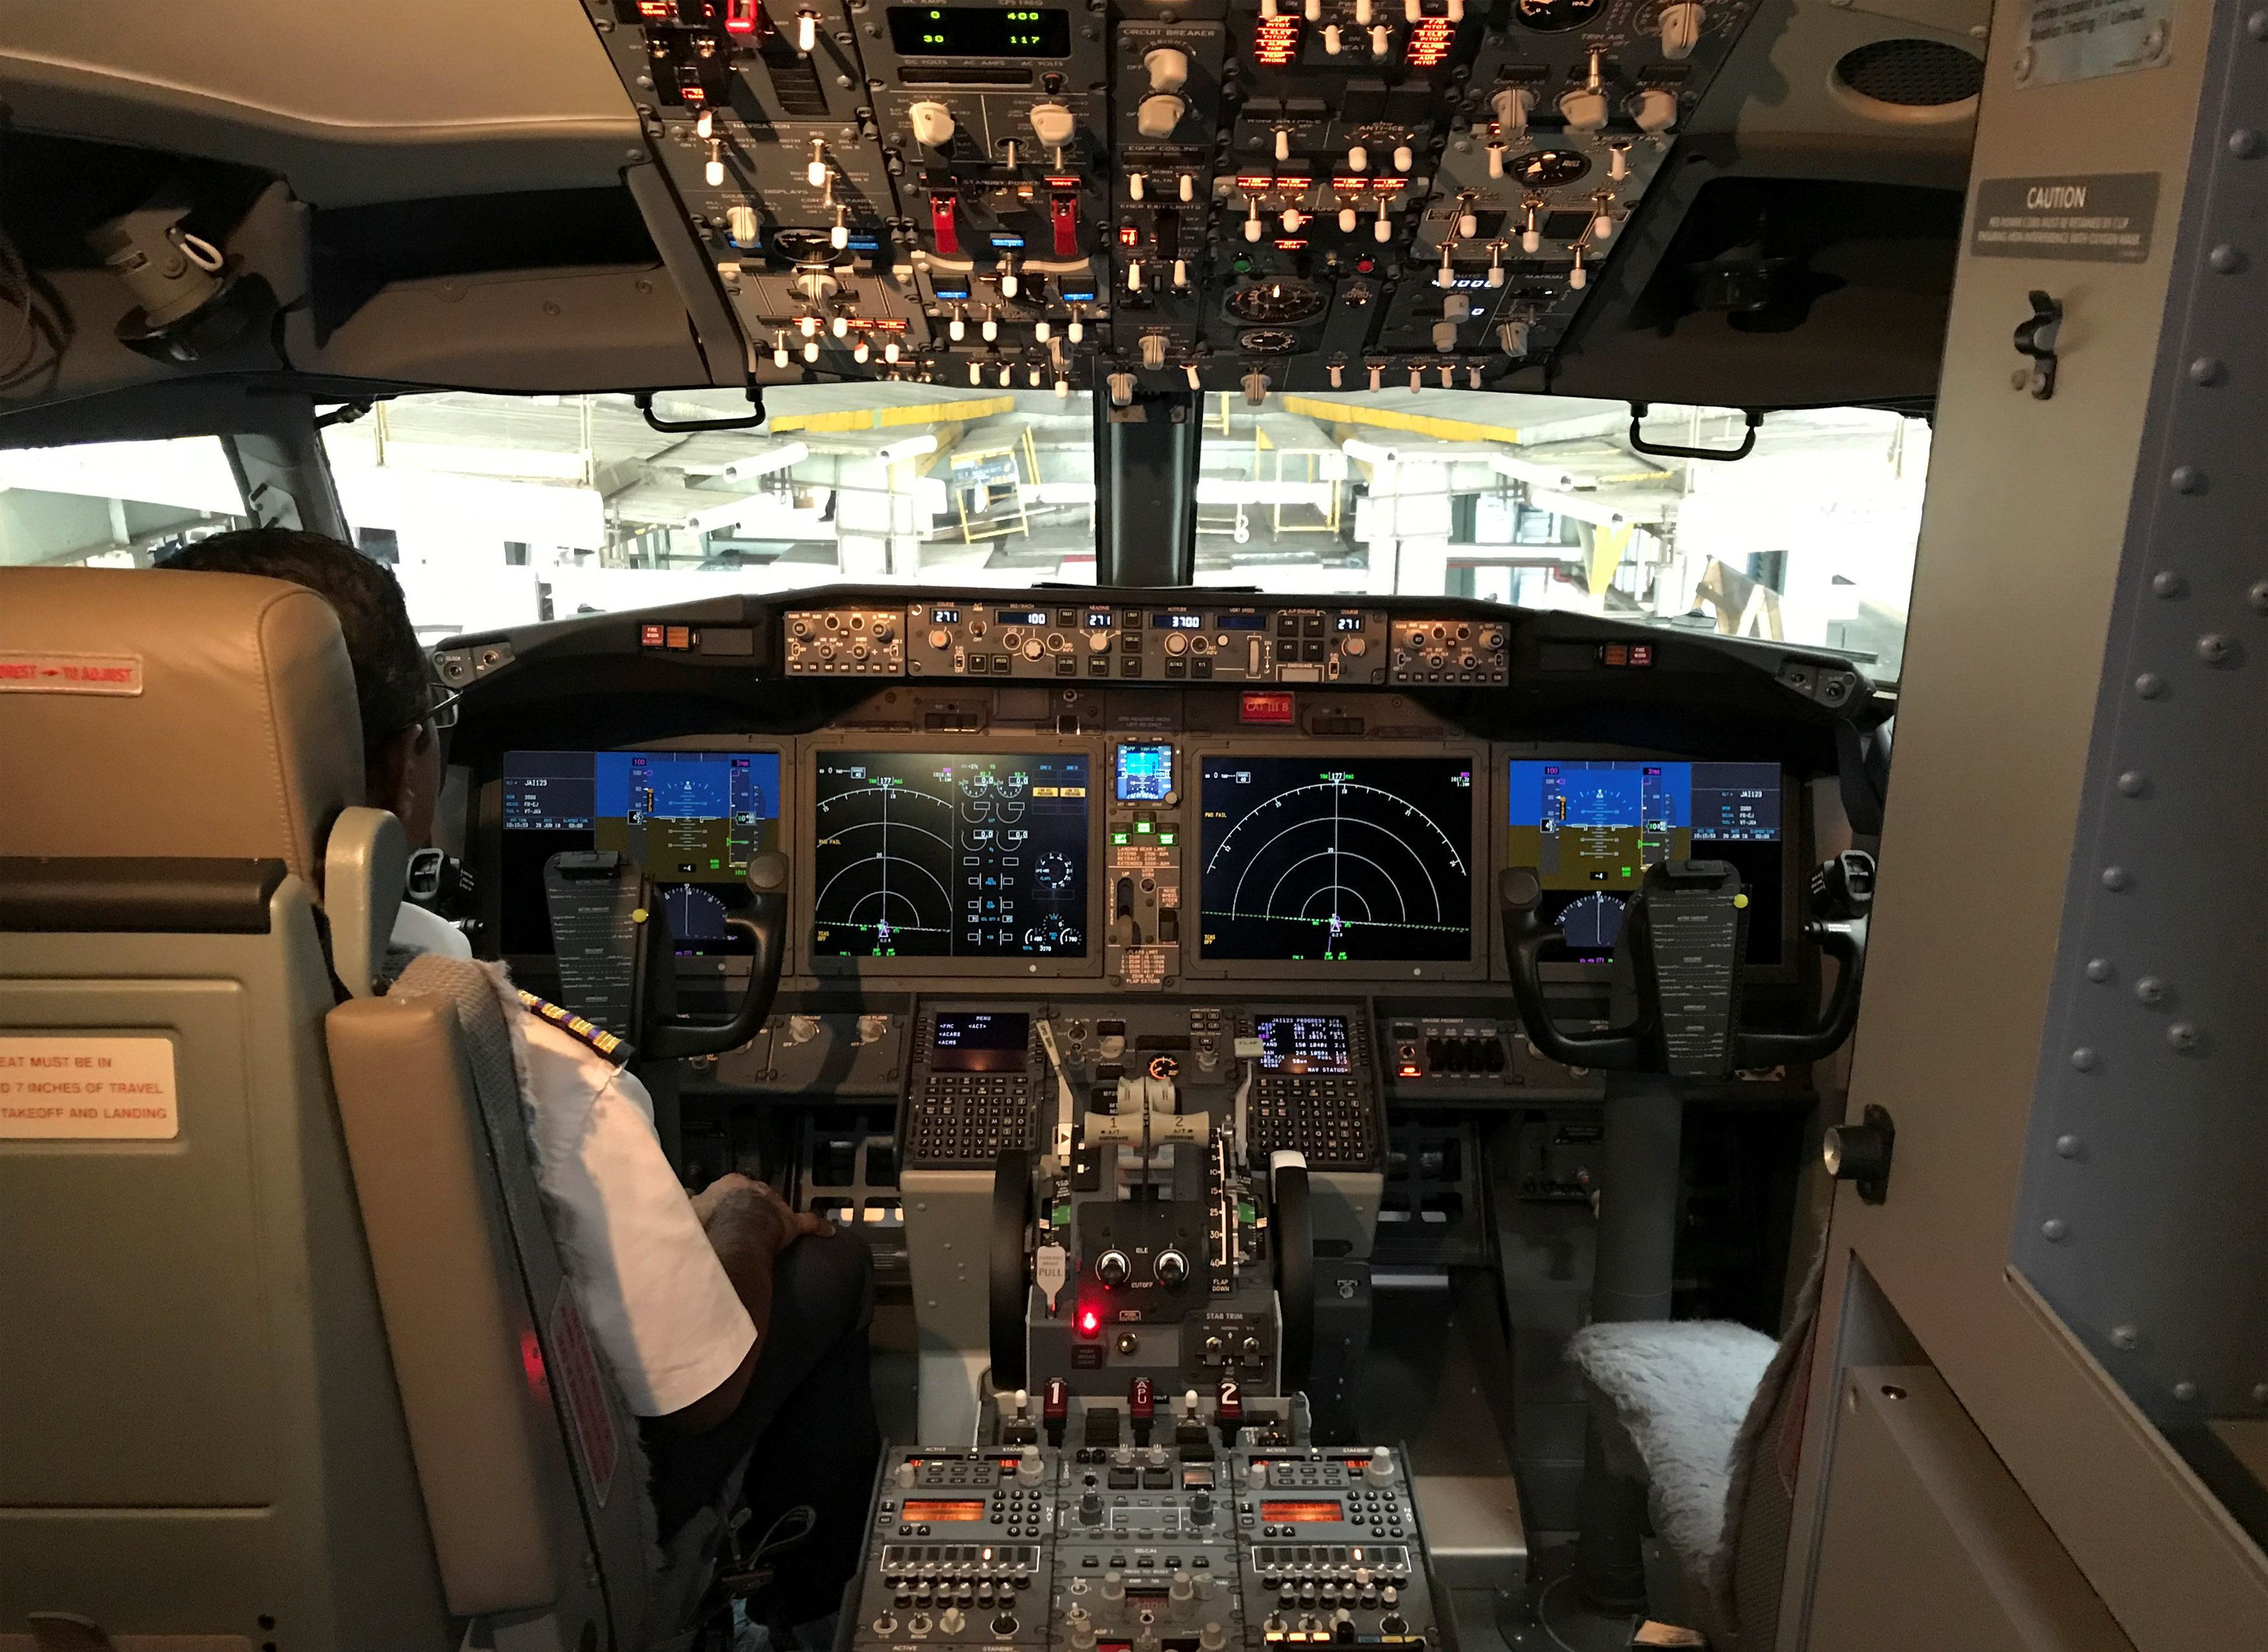 Πιλοτήριο Boeing 737 Max (φωτογραφία